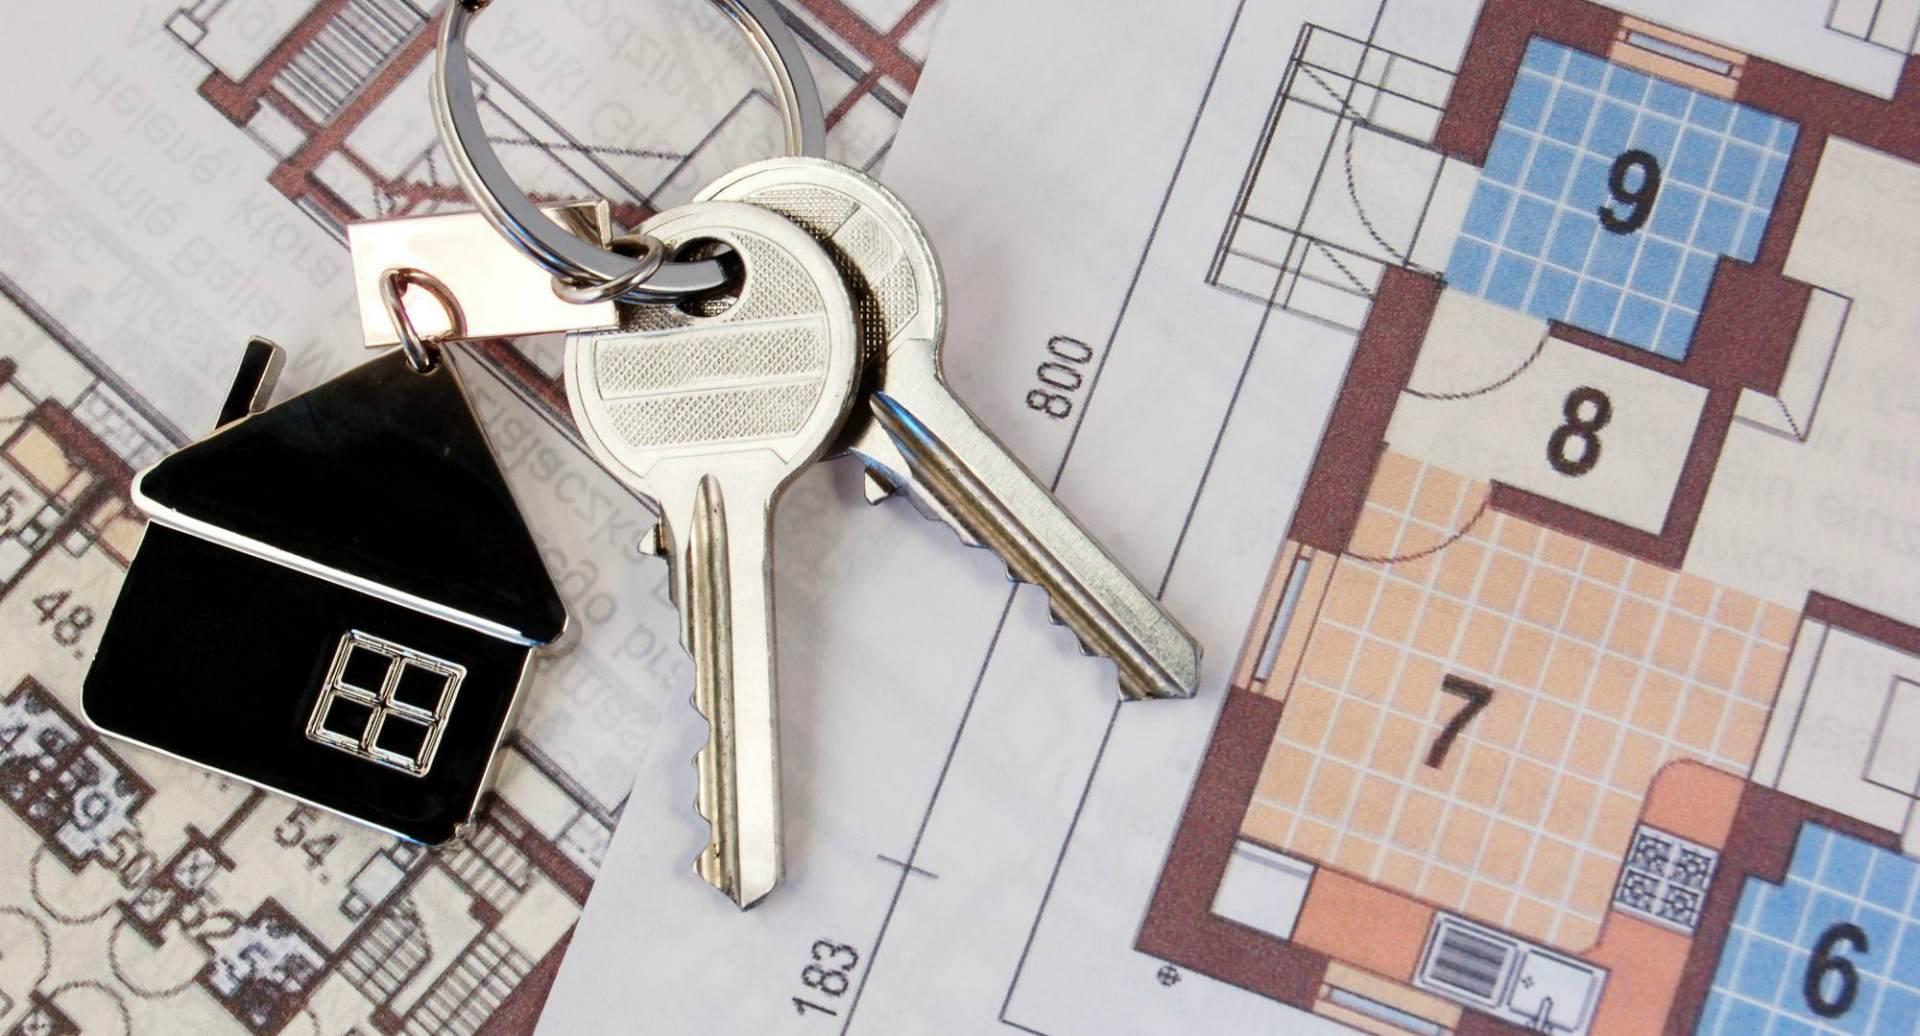 Цены на новое жильё в Казахстане за сентябрь повысились на 0,2%